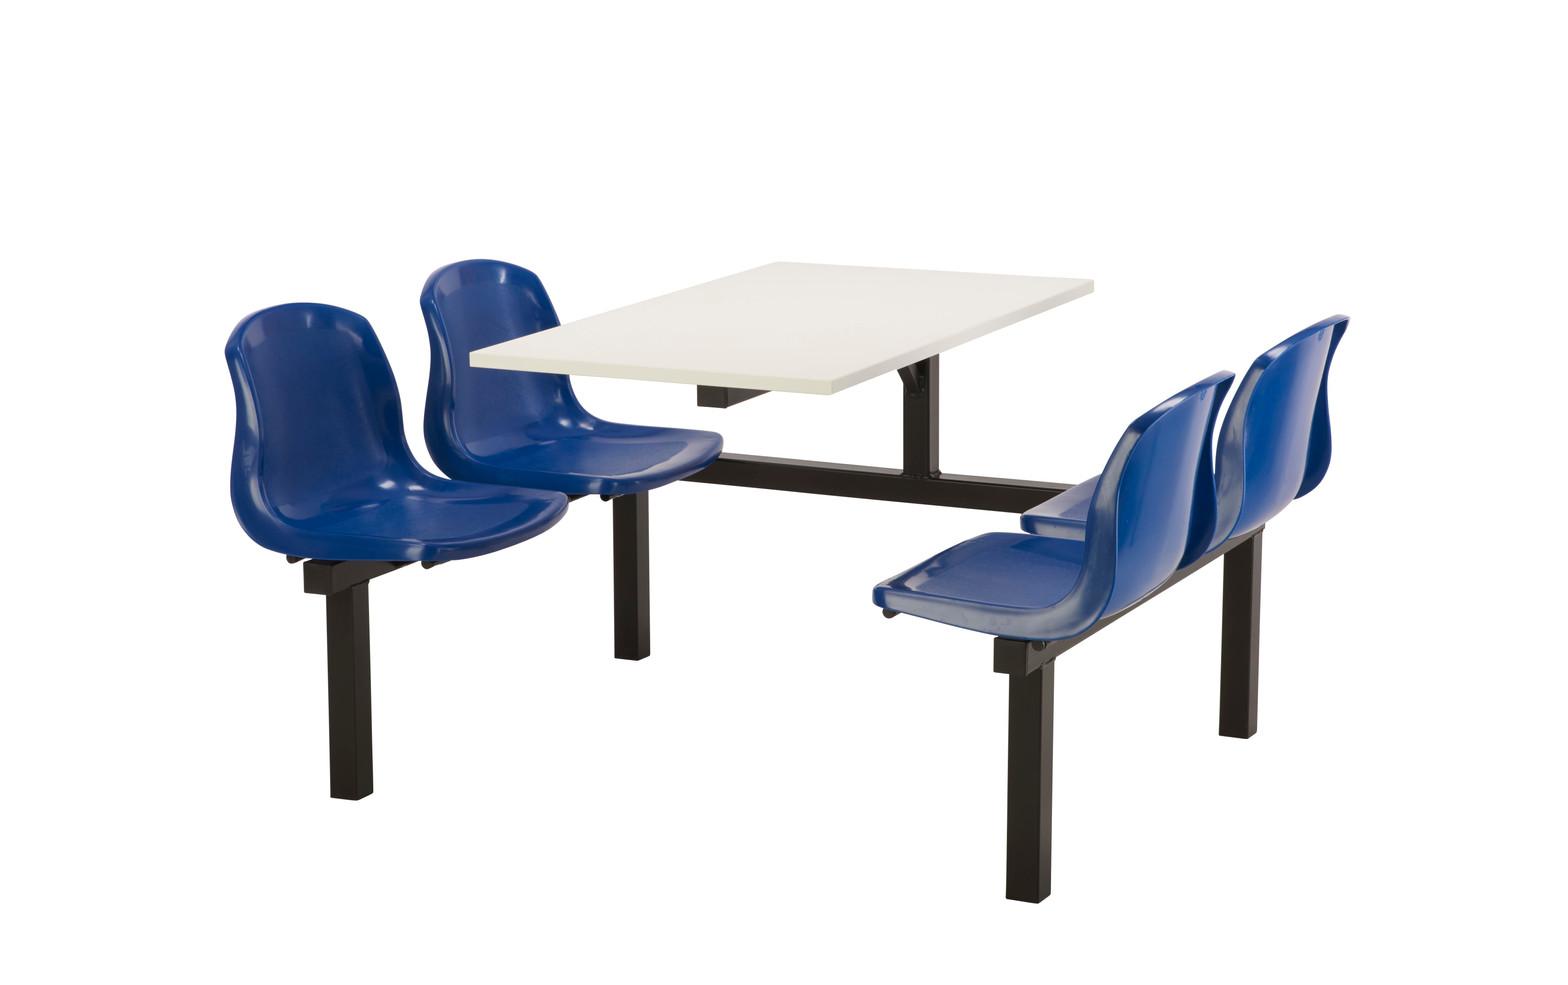 CU90-4S1-BLUE - WHITE